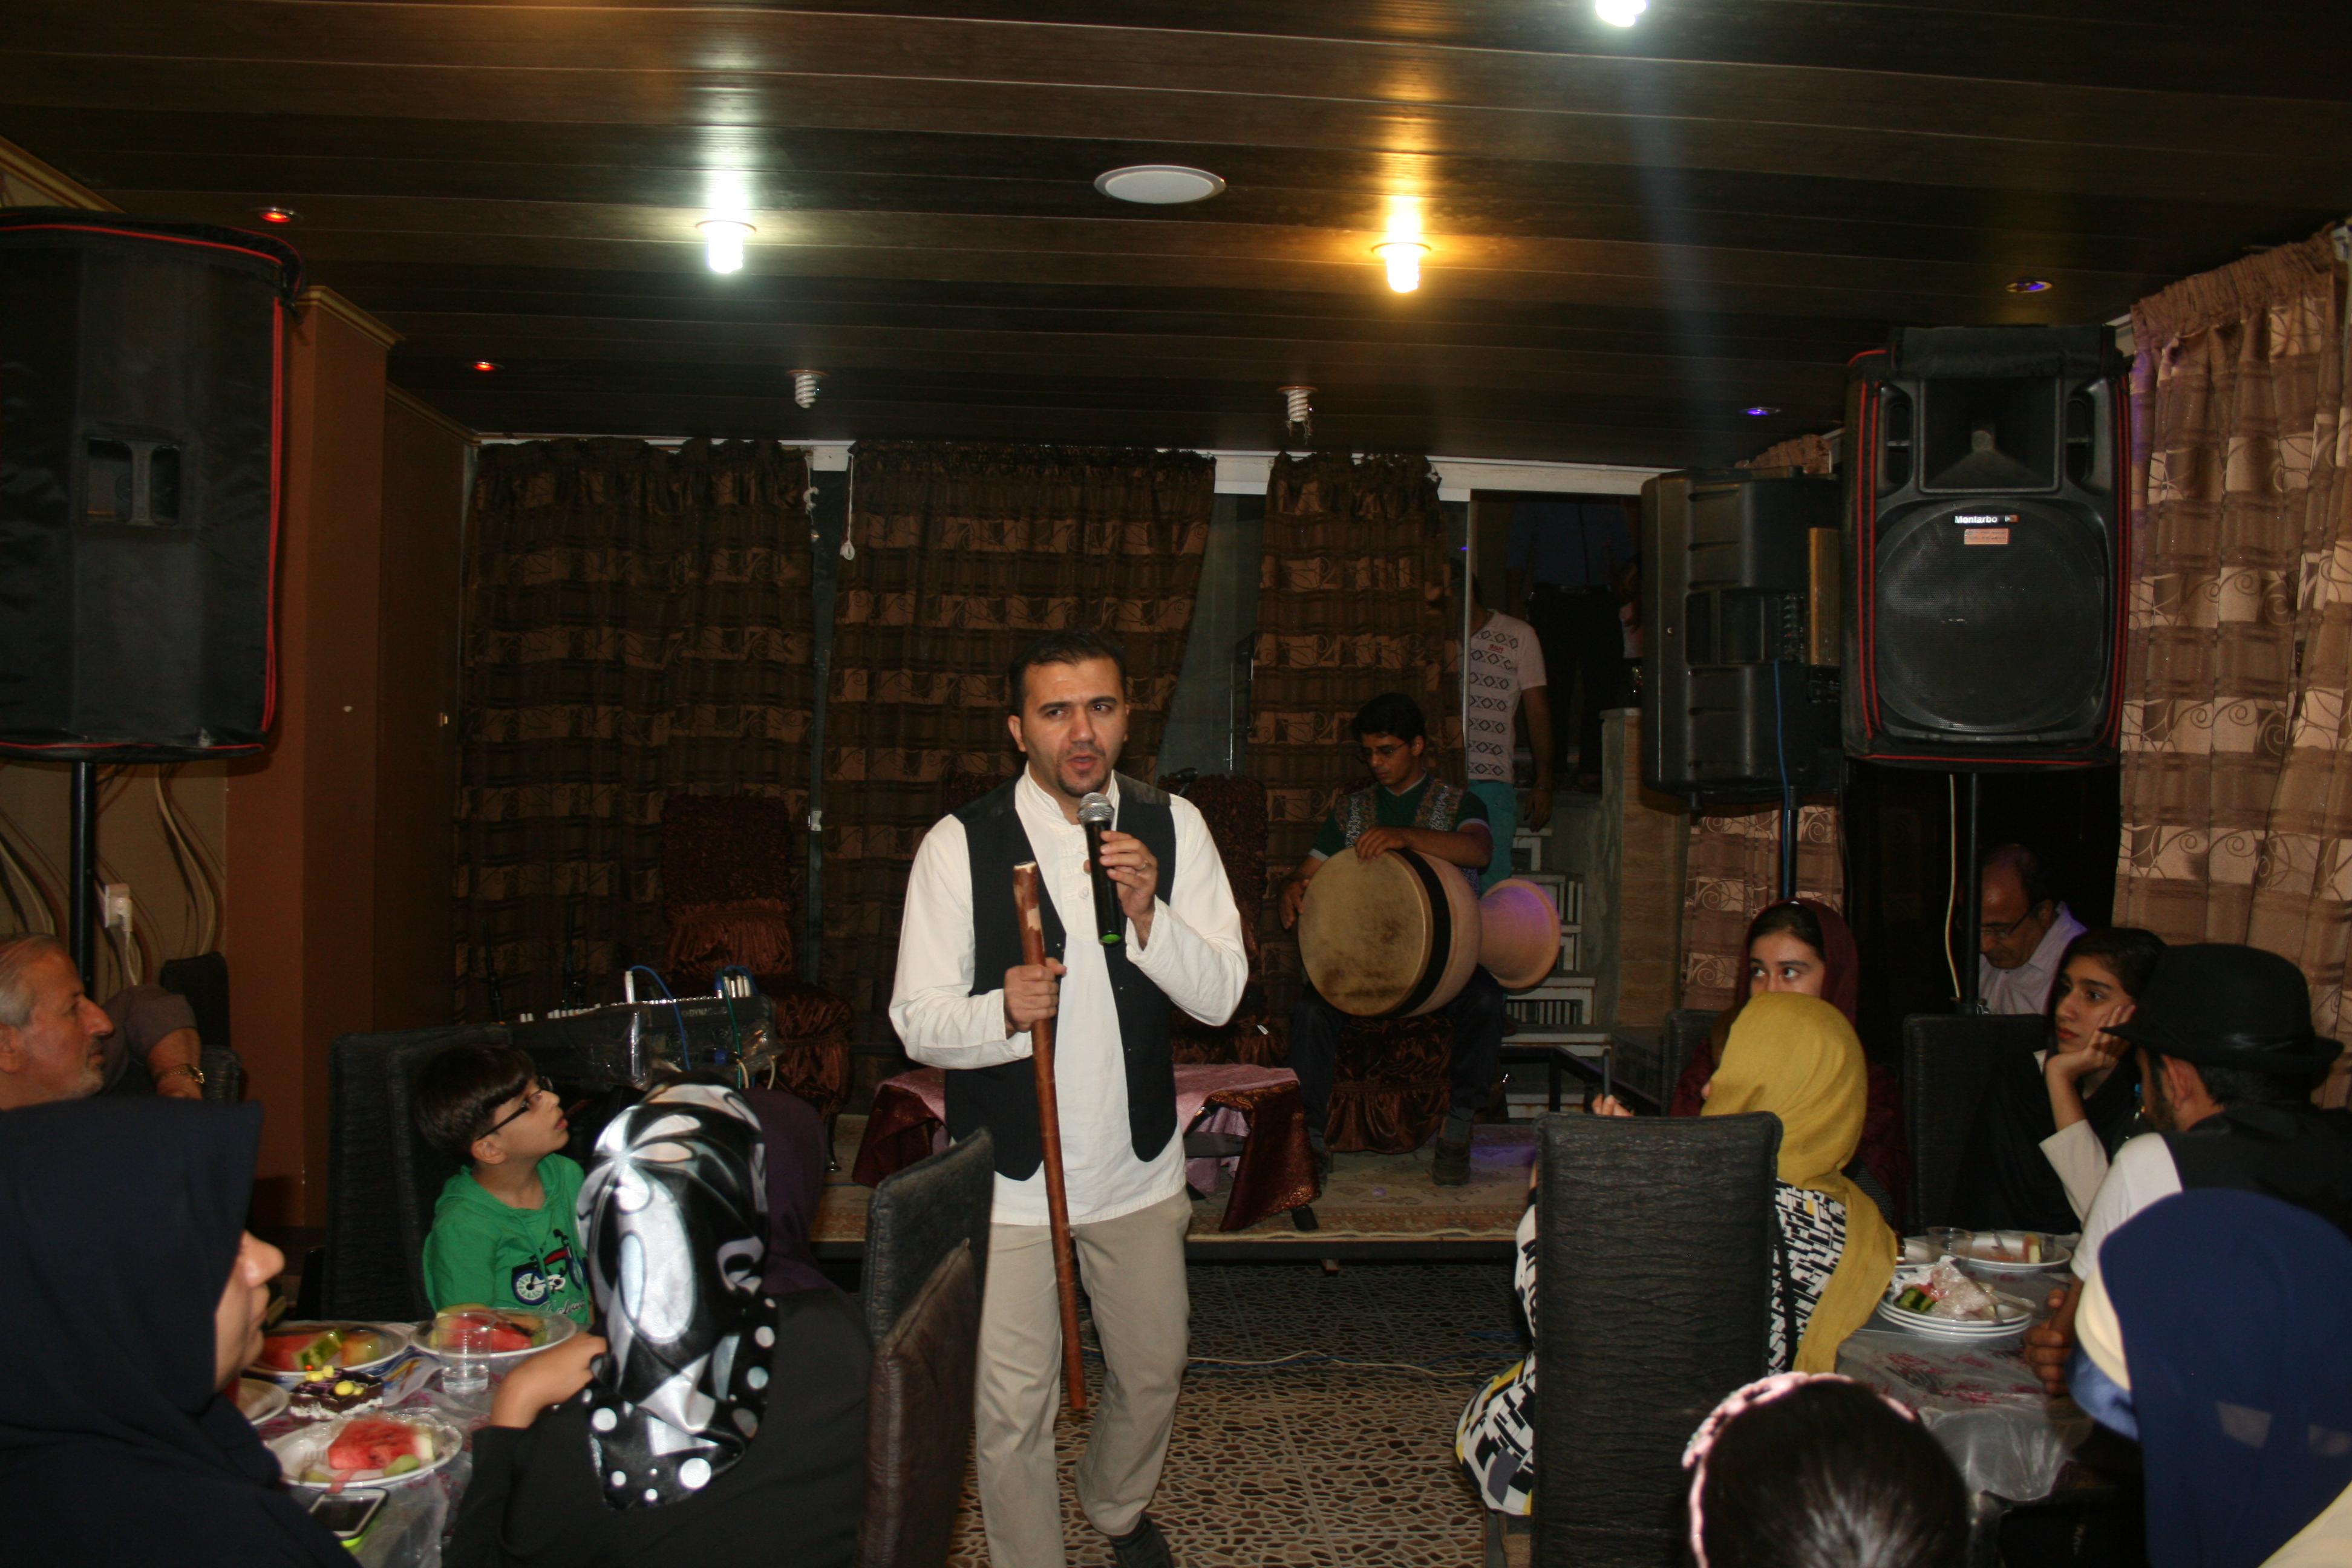 انجمن همدلی هنرمندان نجف آباد یک ساله شد انجمن همدلی هنرمندان نجف آباد یک ساله شد انجمن همدلی هنرمندان نجف آباد یک ساله شد                                       1